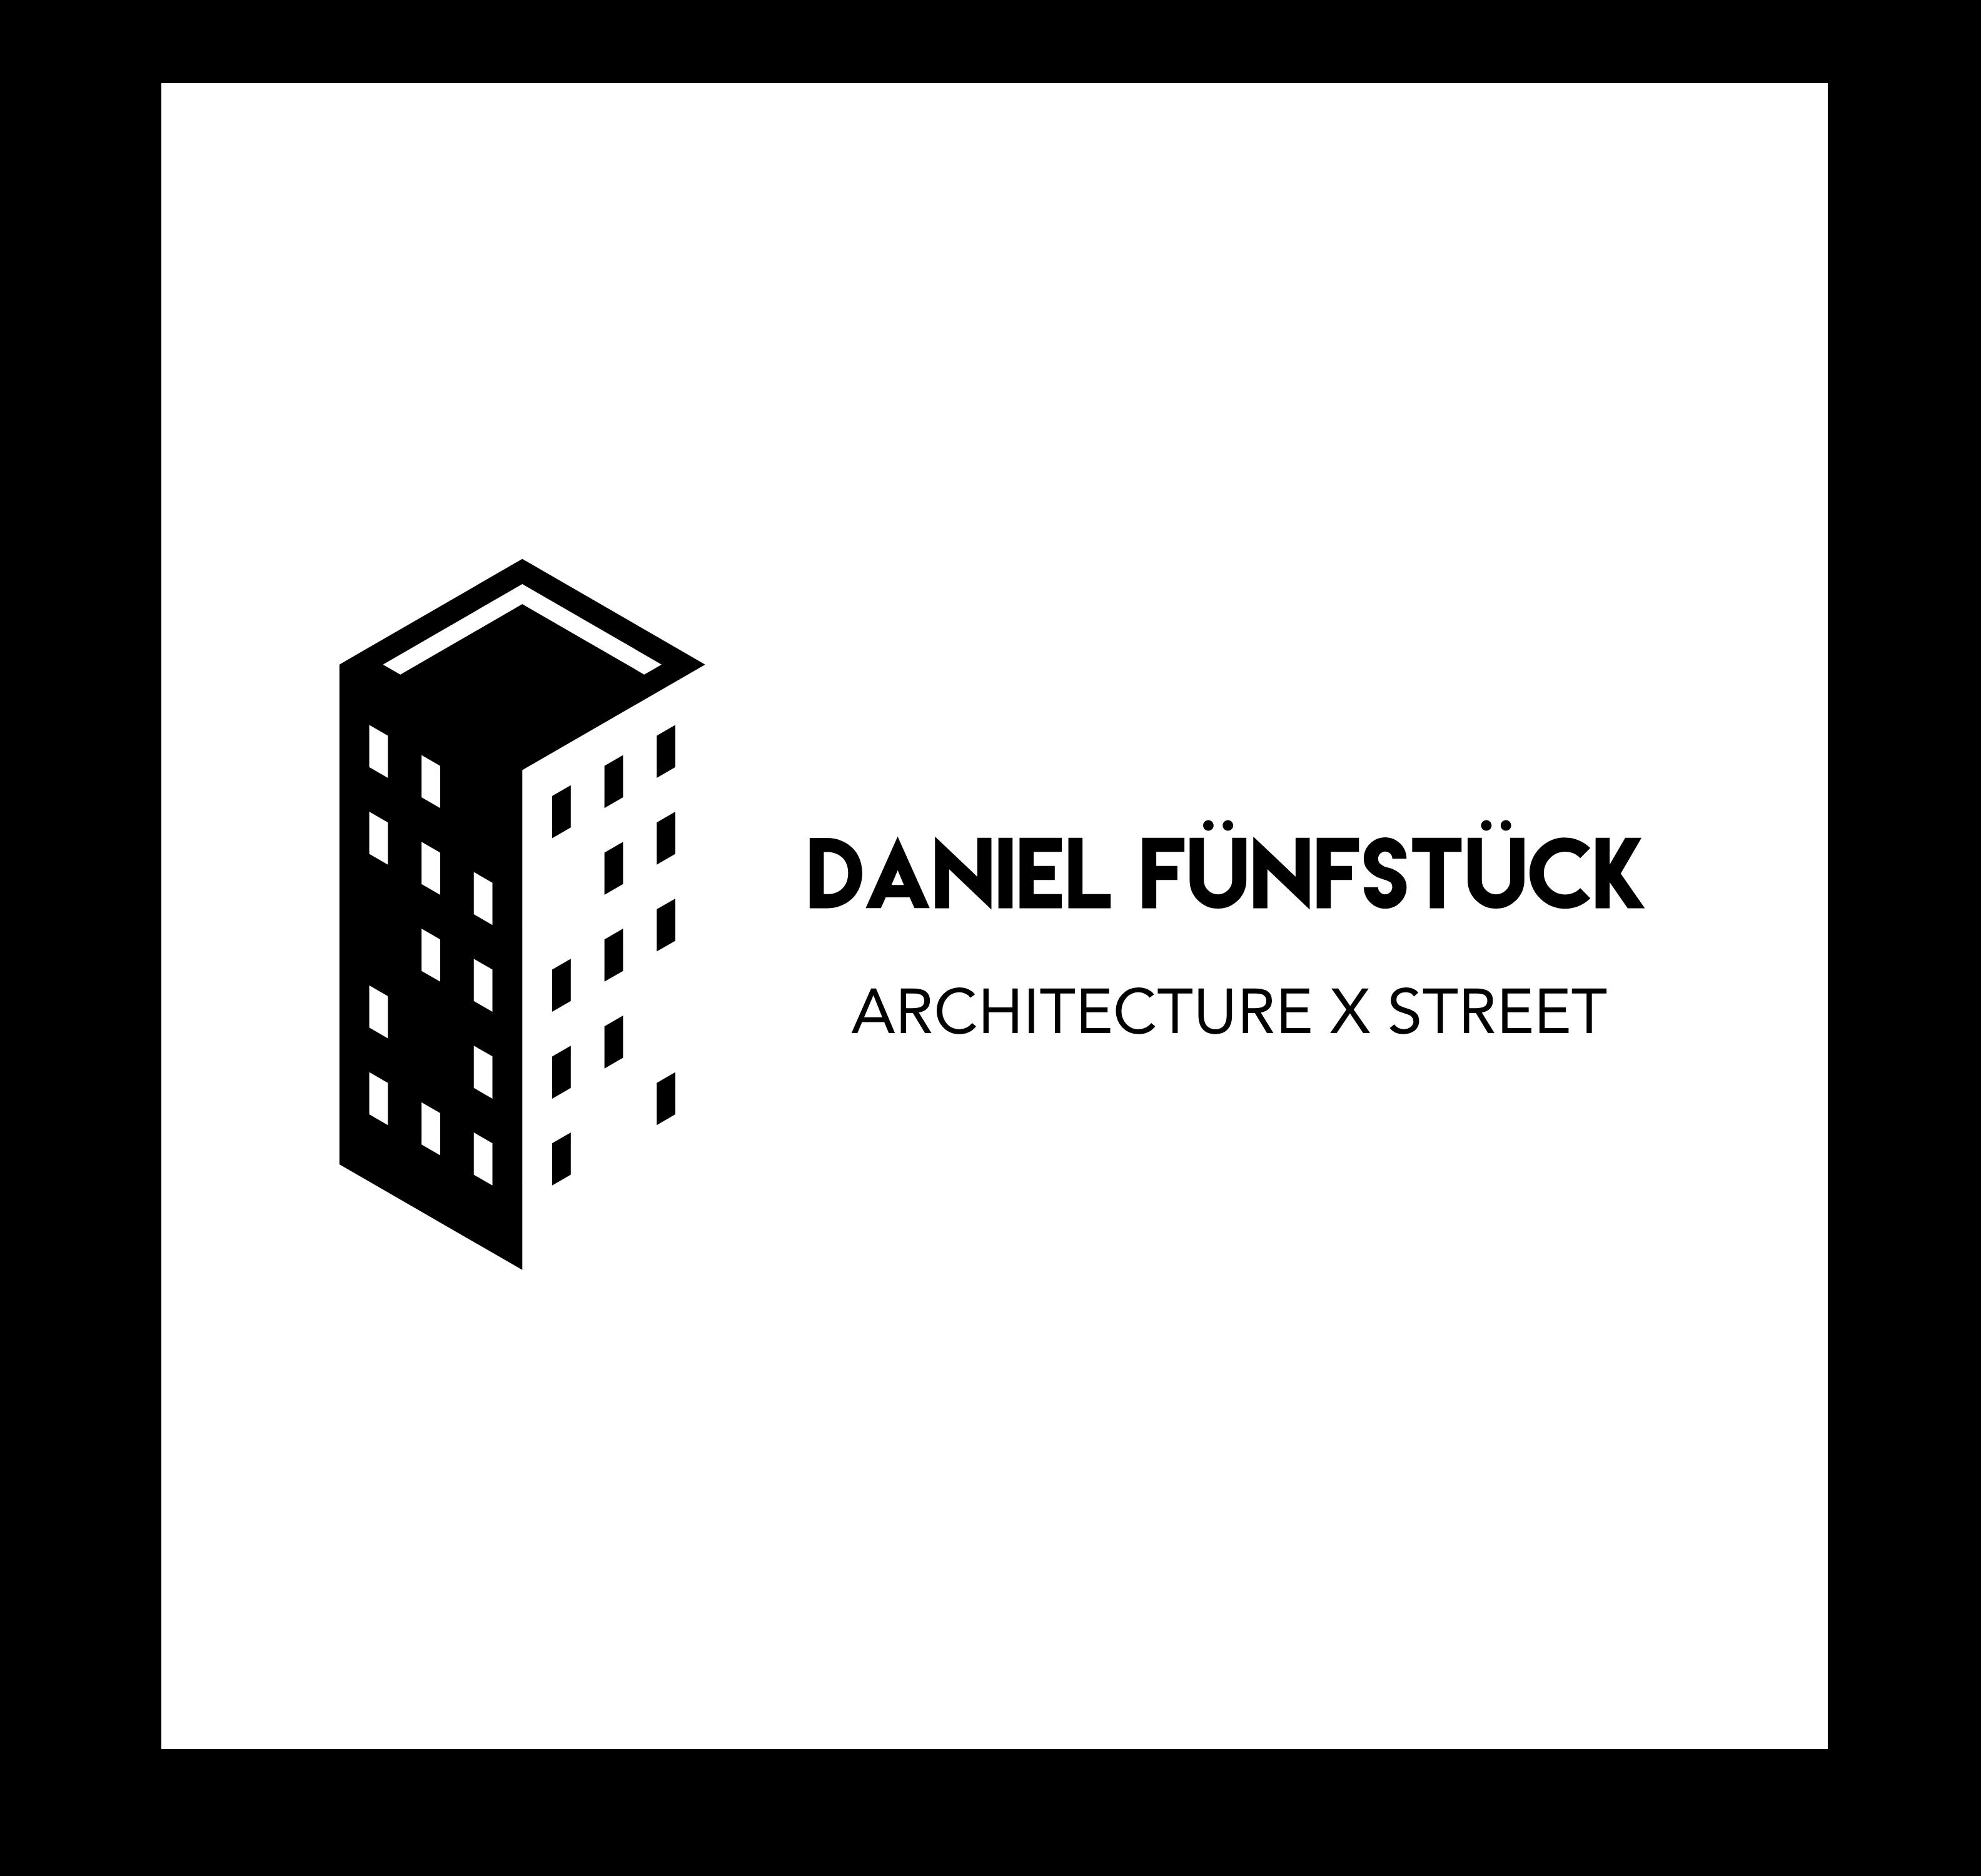 Daniel Fünfstück